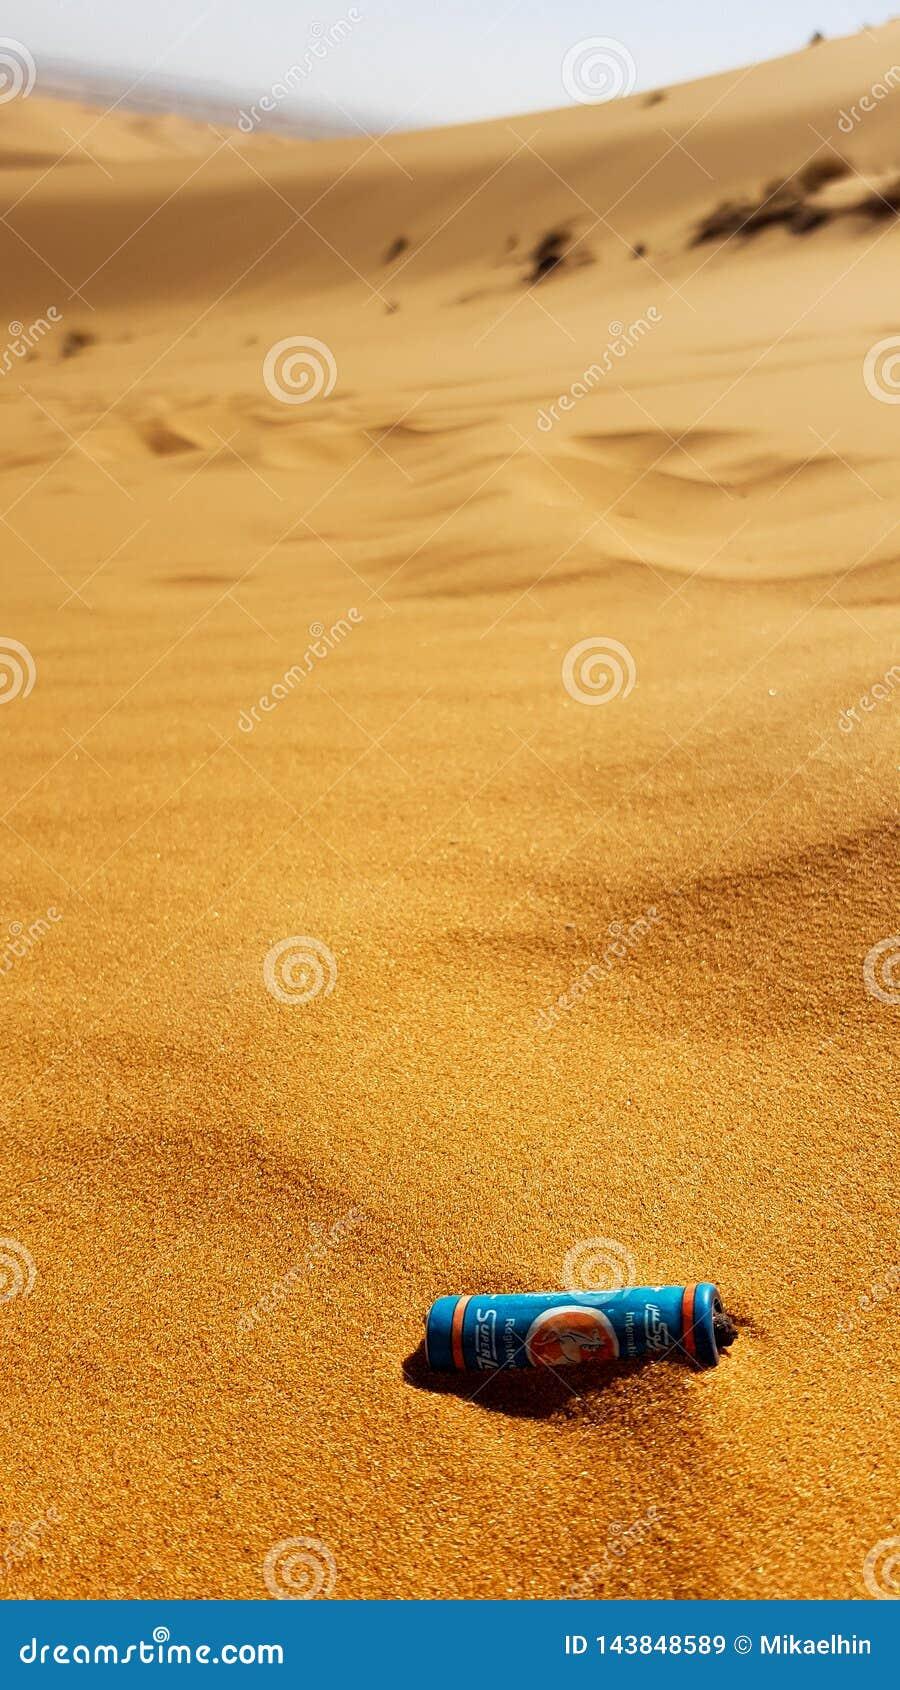 MAROCCO - 9 DE MARZO DE 2018: Litera en el desierto, bater?a en la arena en el desierto